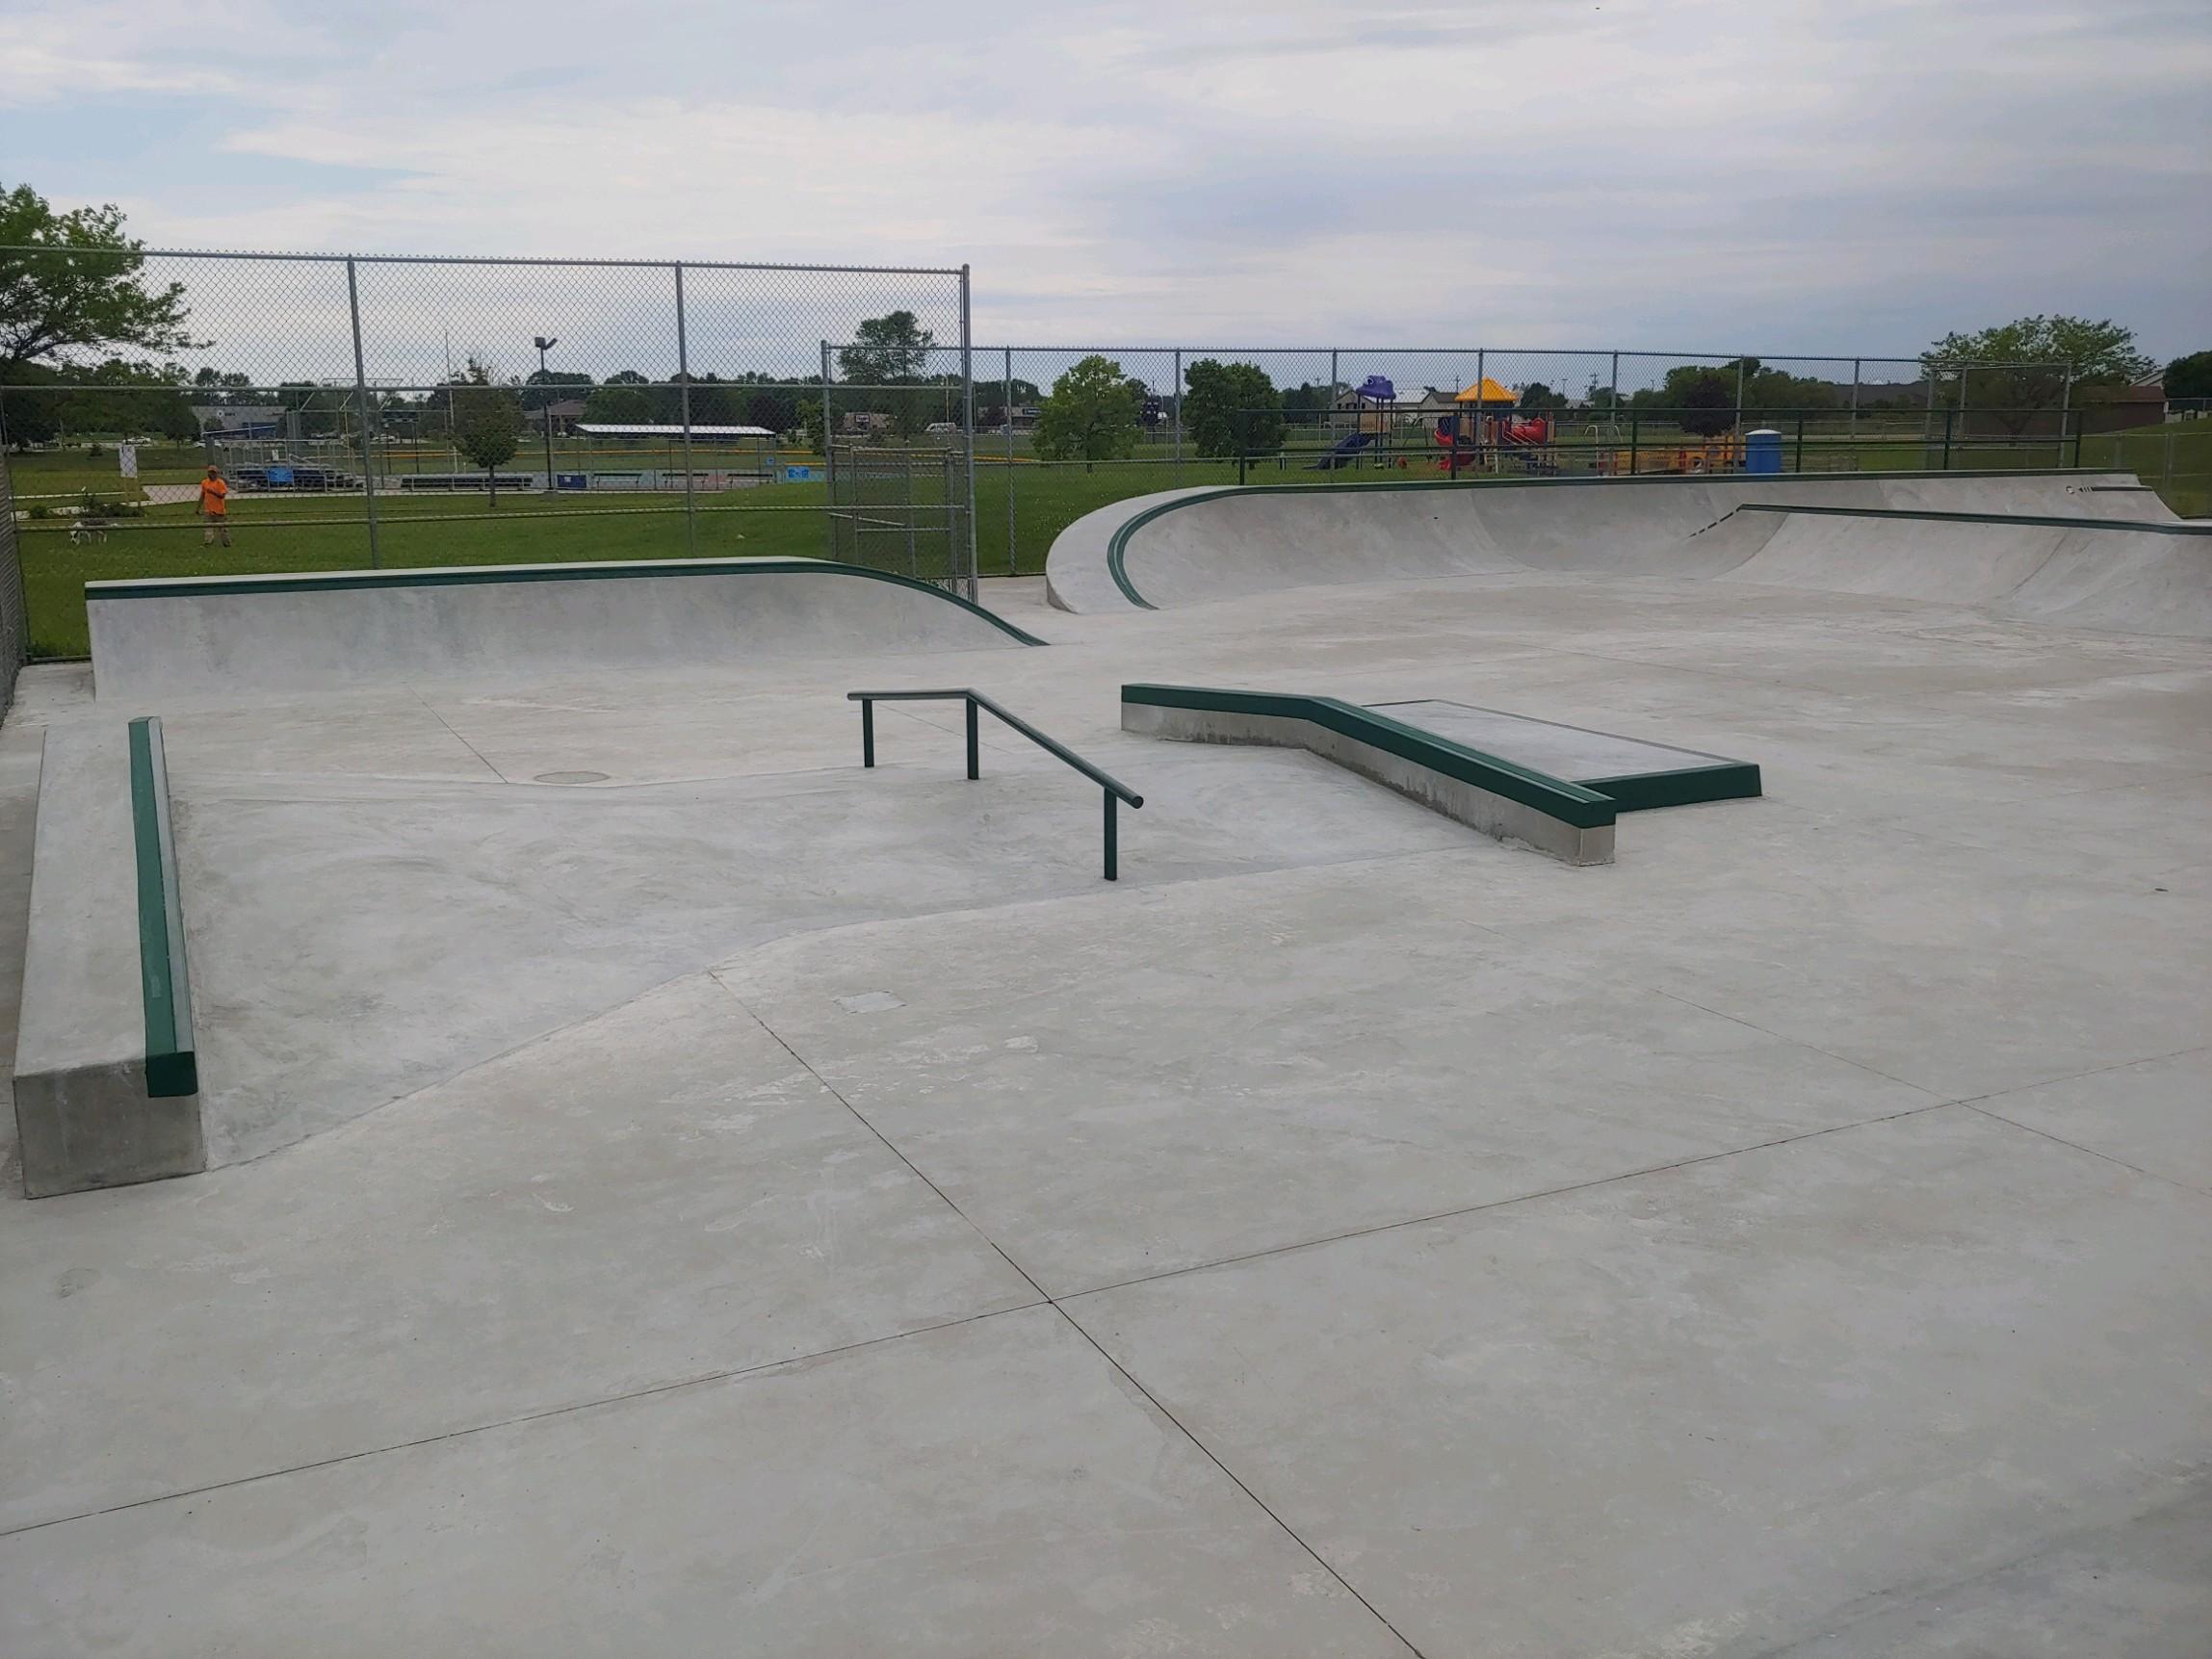 manitowoc Skatepark - Manitowoc, WI